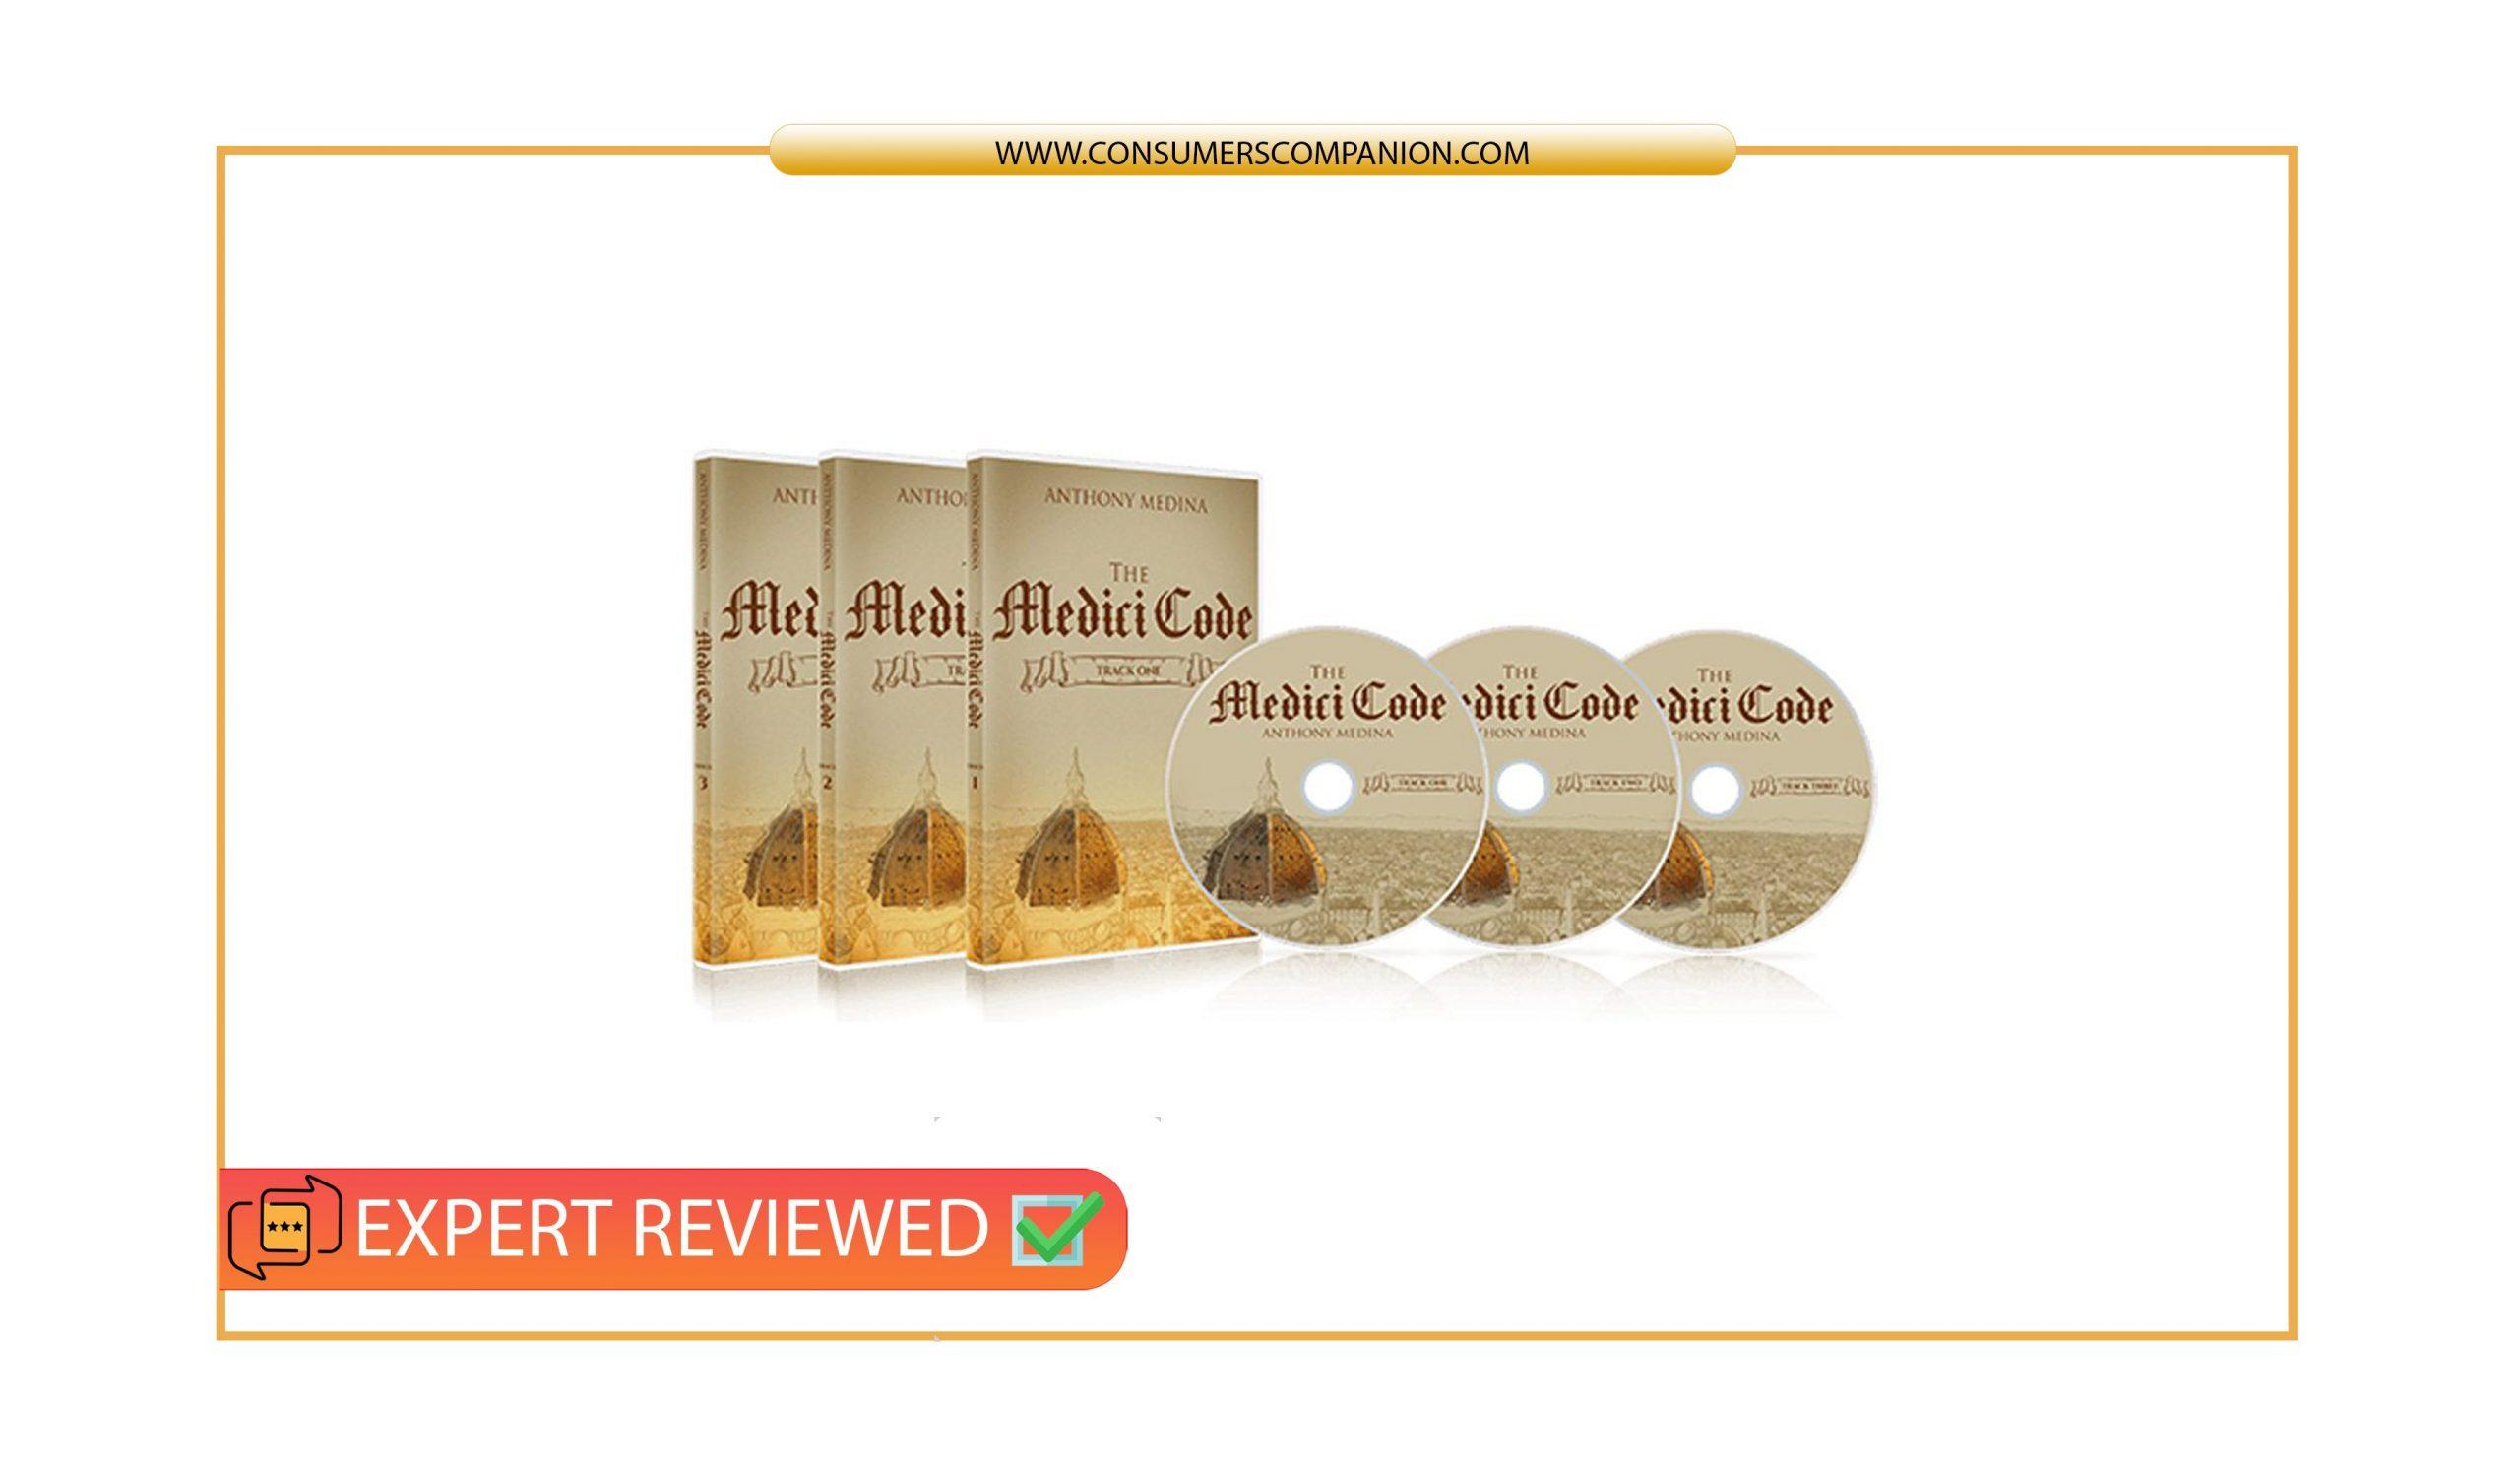 Medicicode reviews